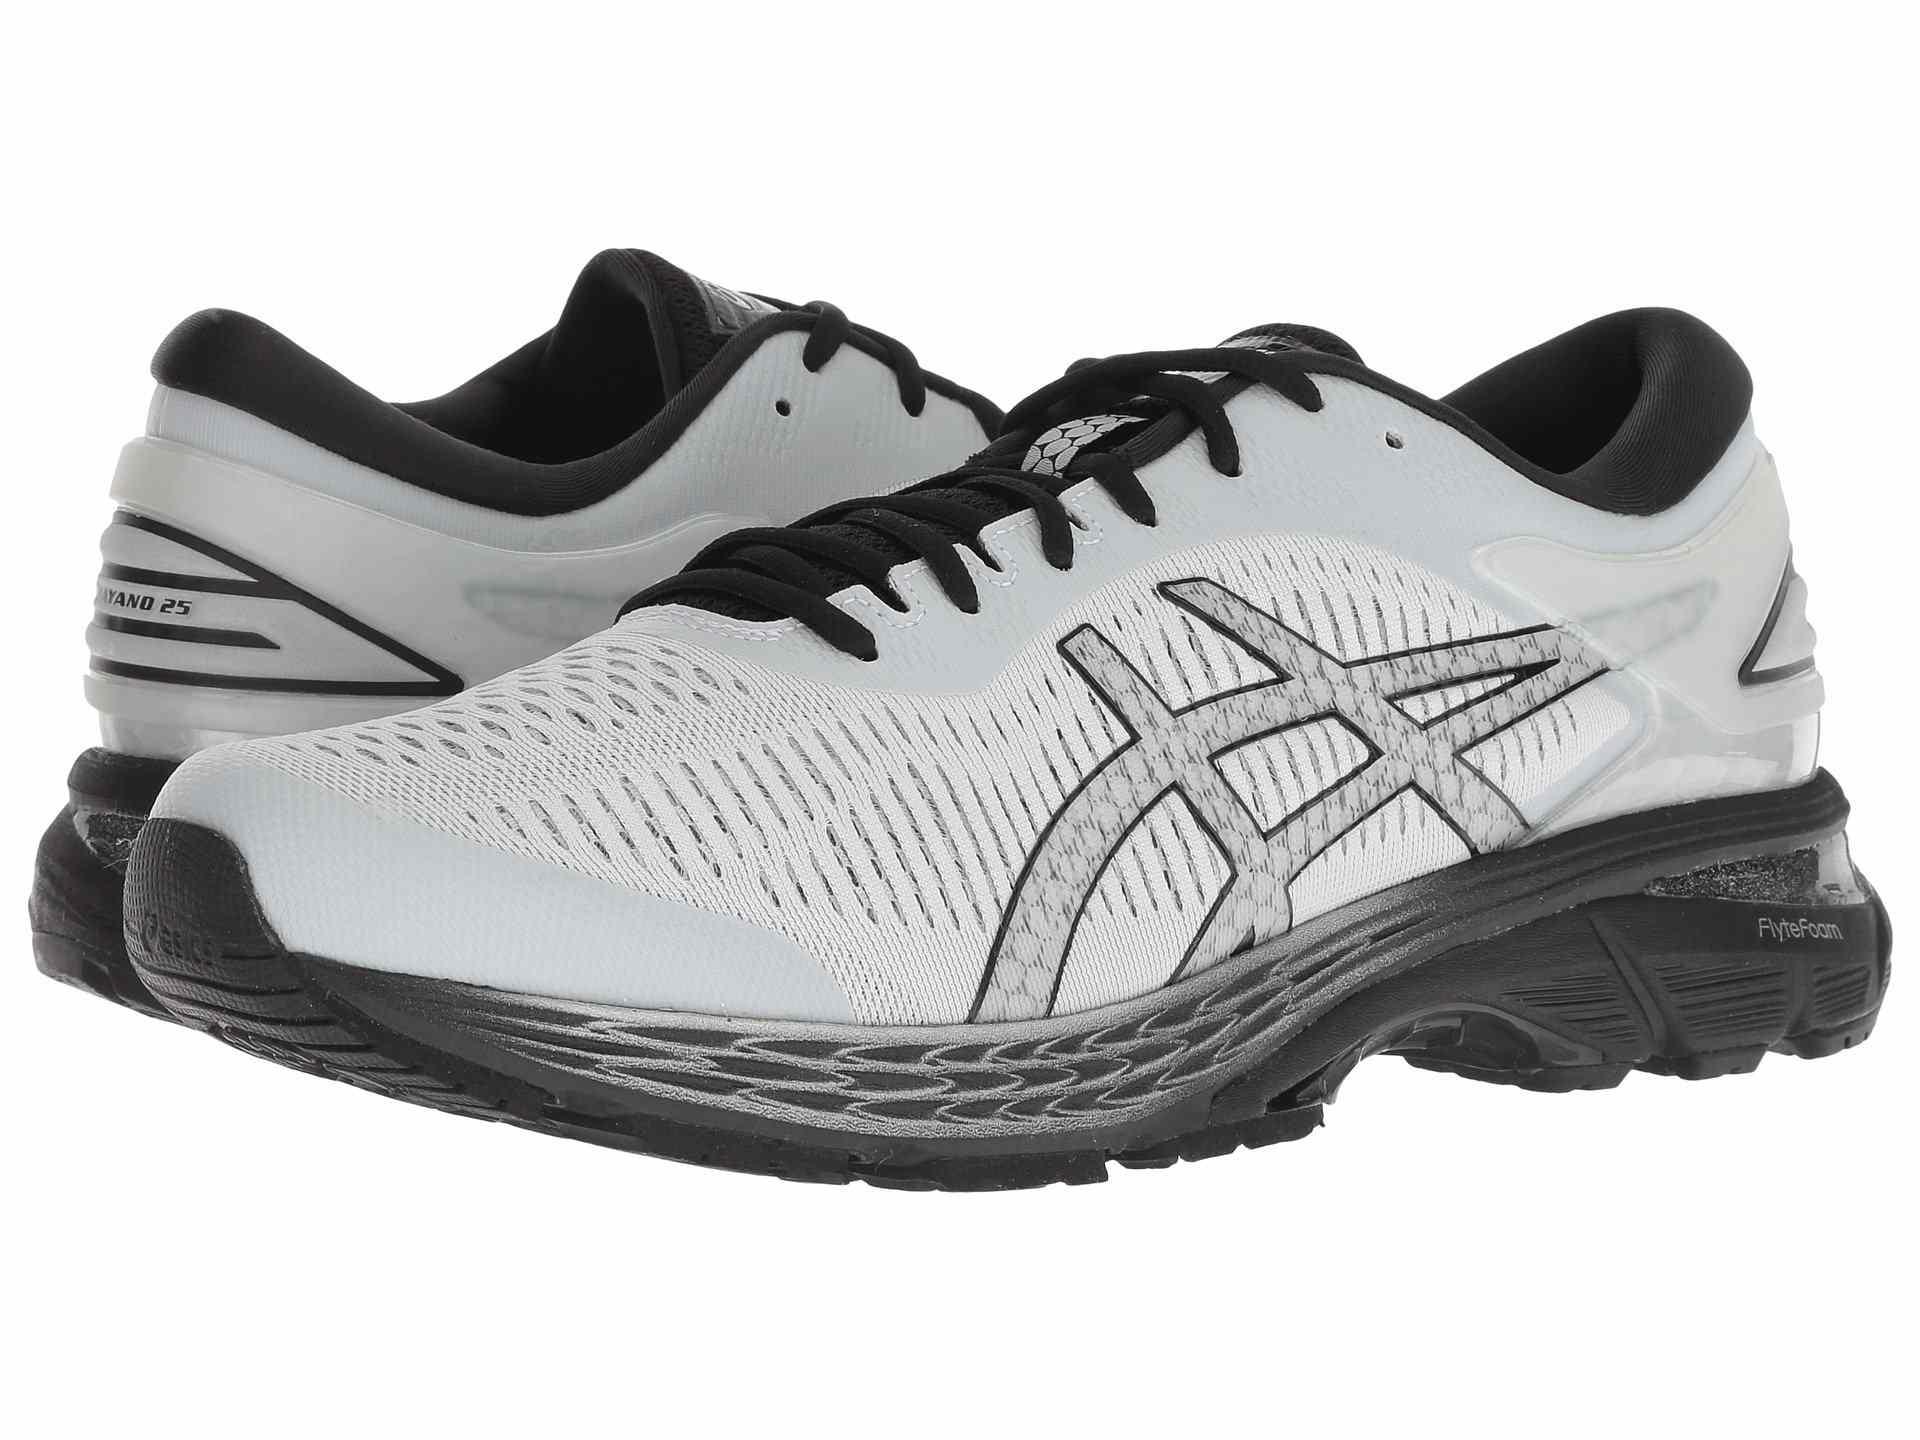 Asics Gel-Kayano Running Shoe